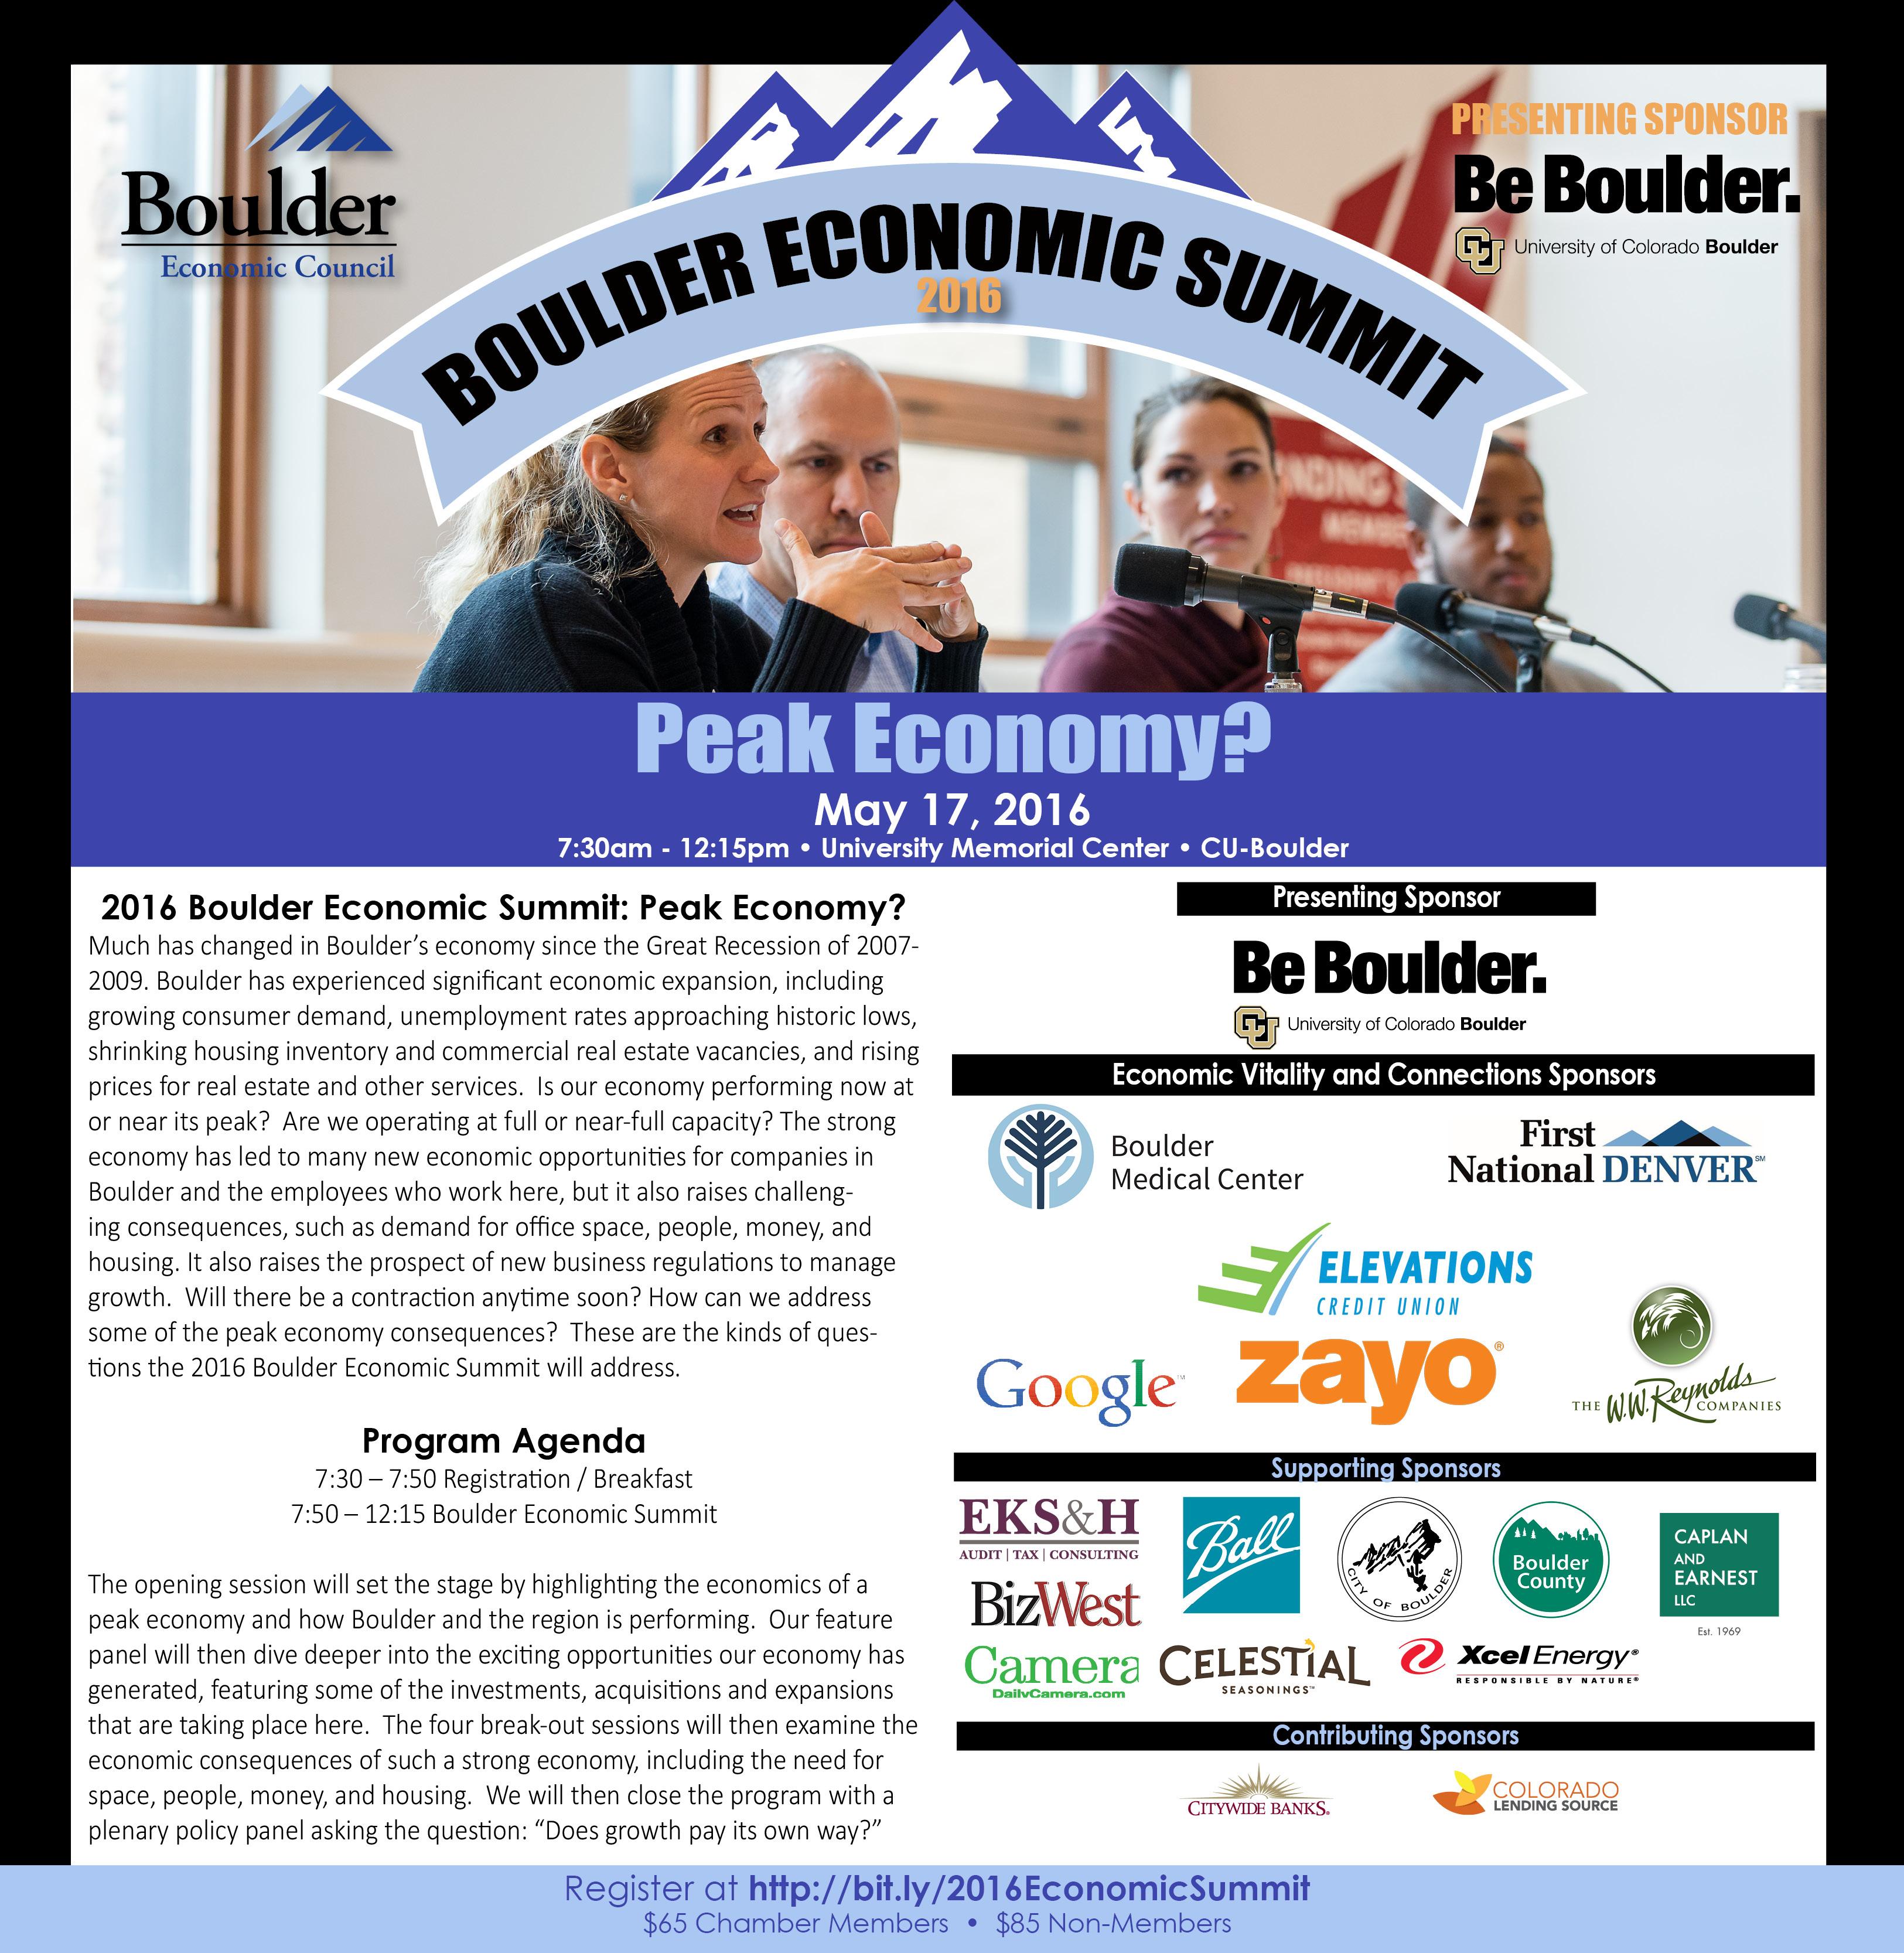 BEC Site Ad_Economic Summit_033016